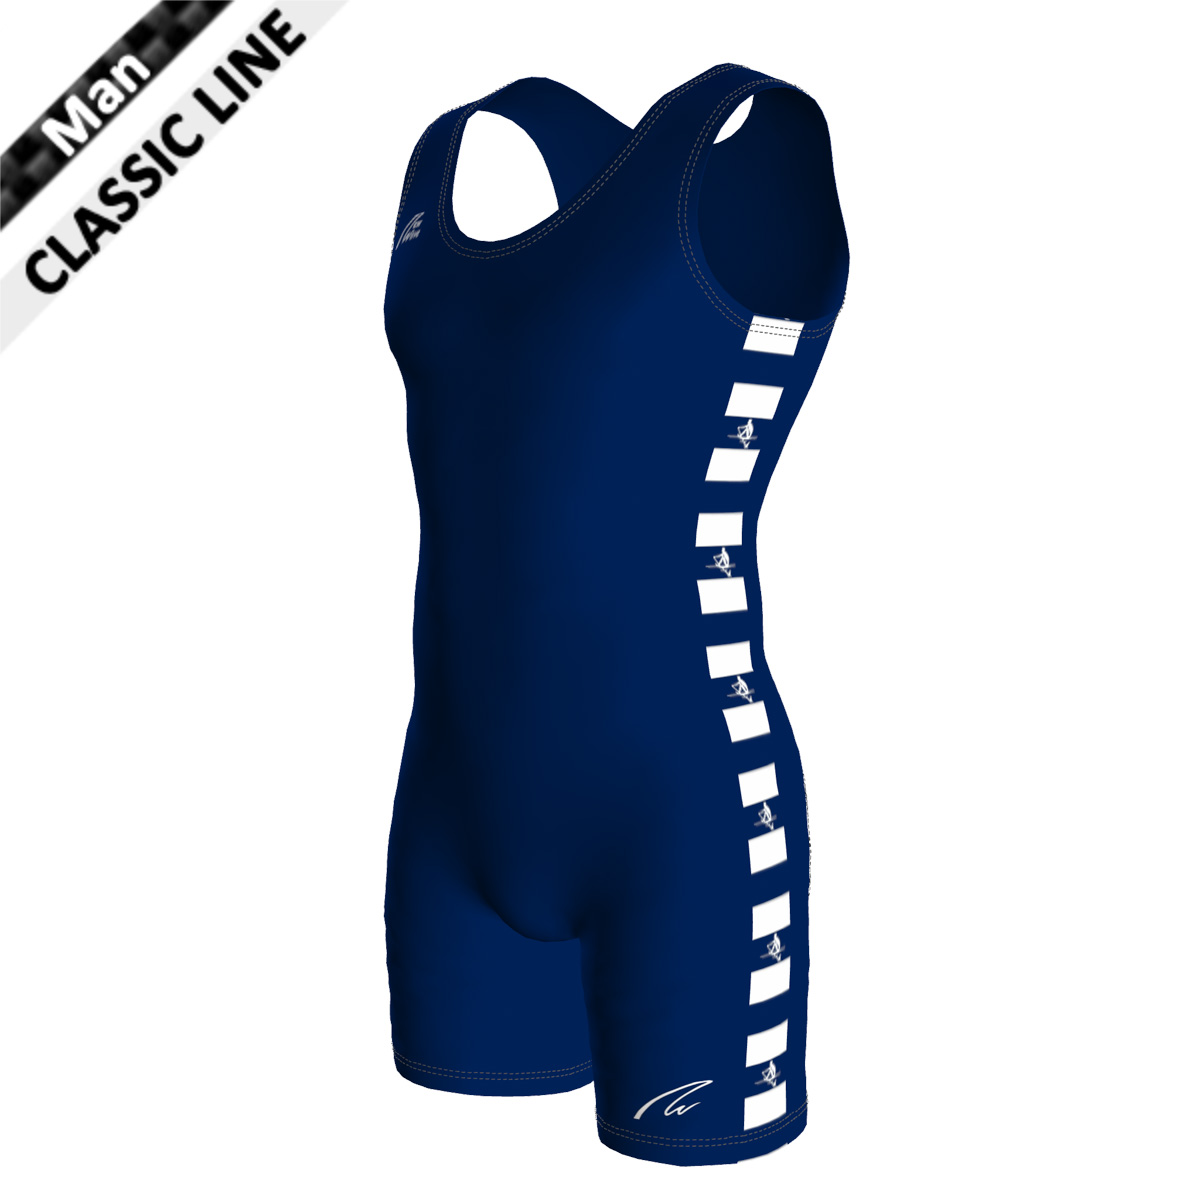 Classic Unisuit - Man marine blau